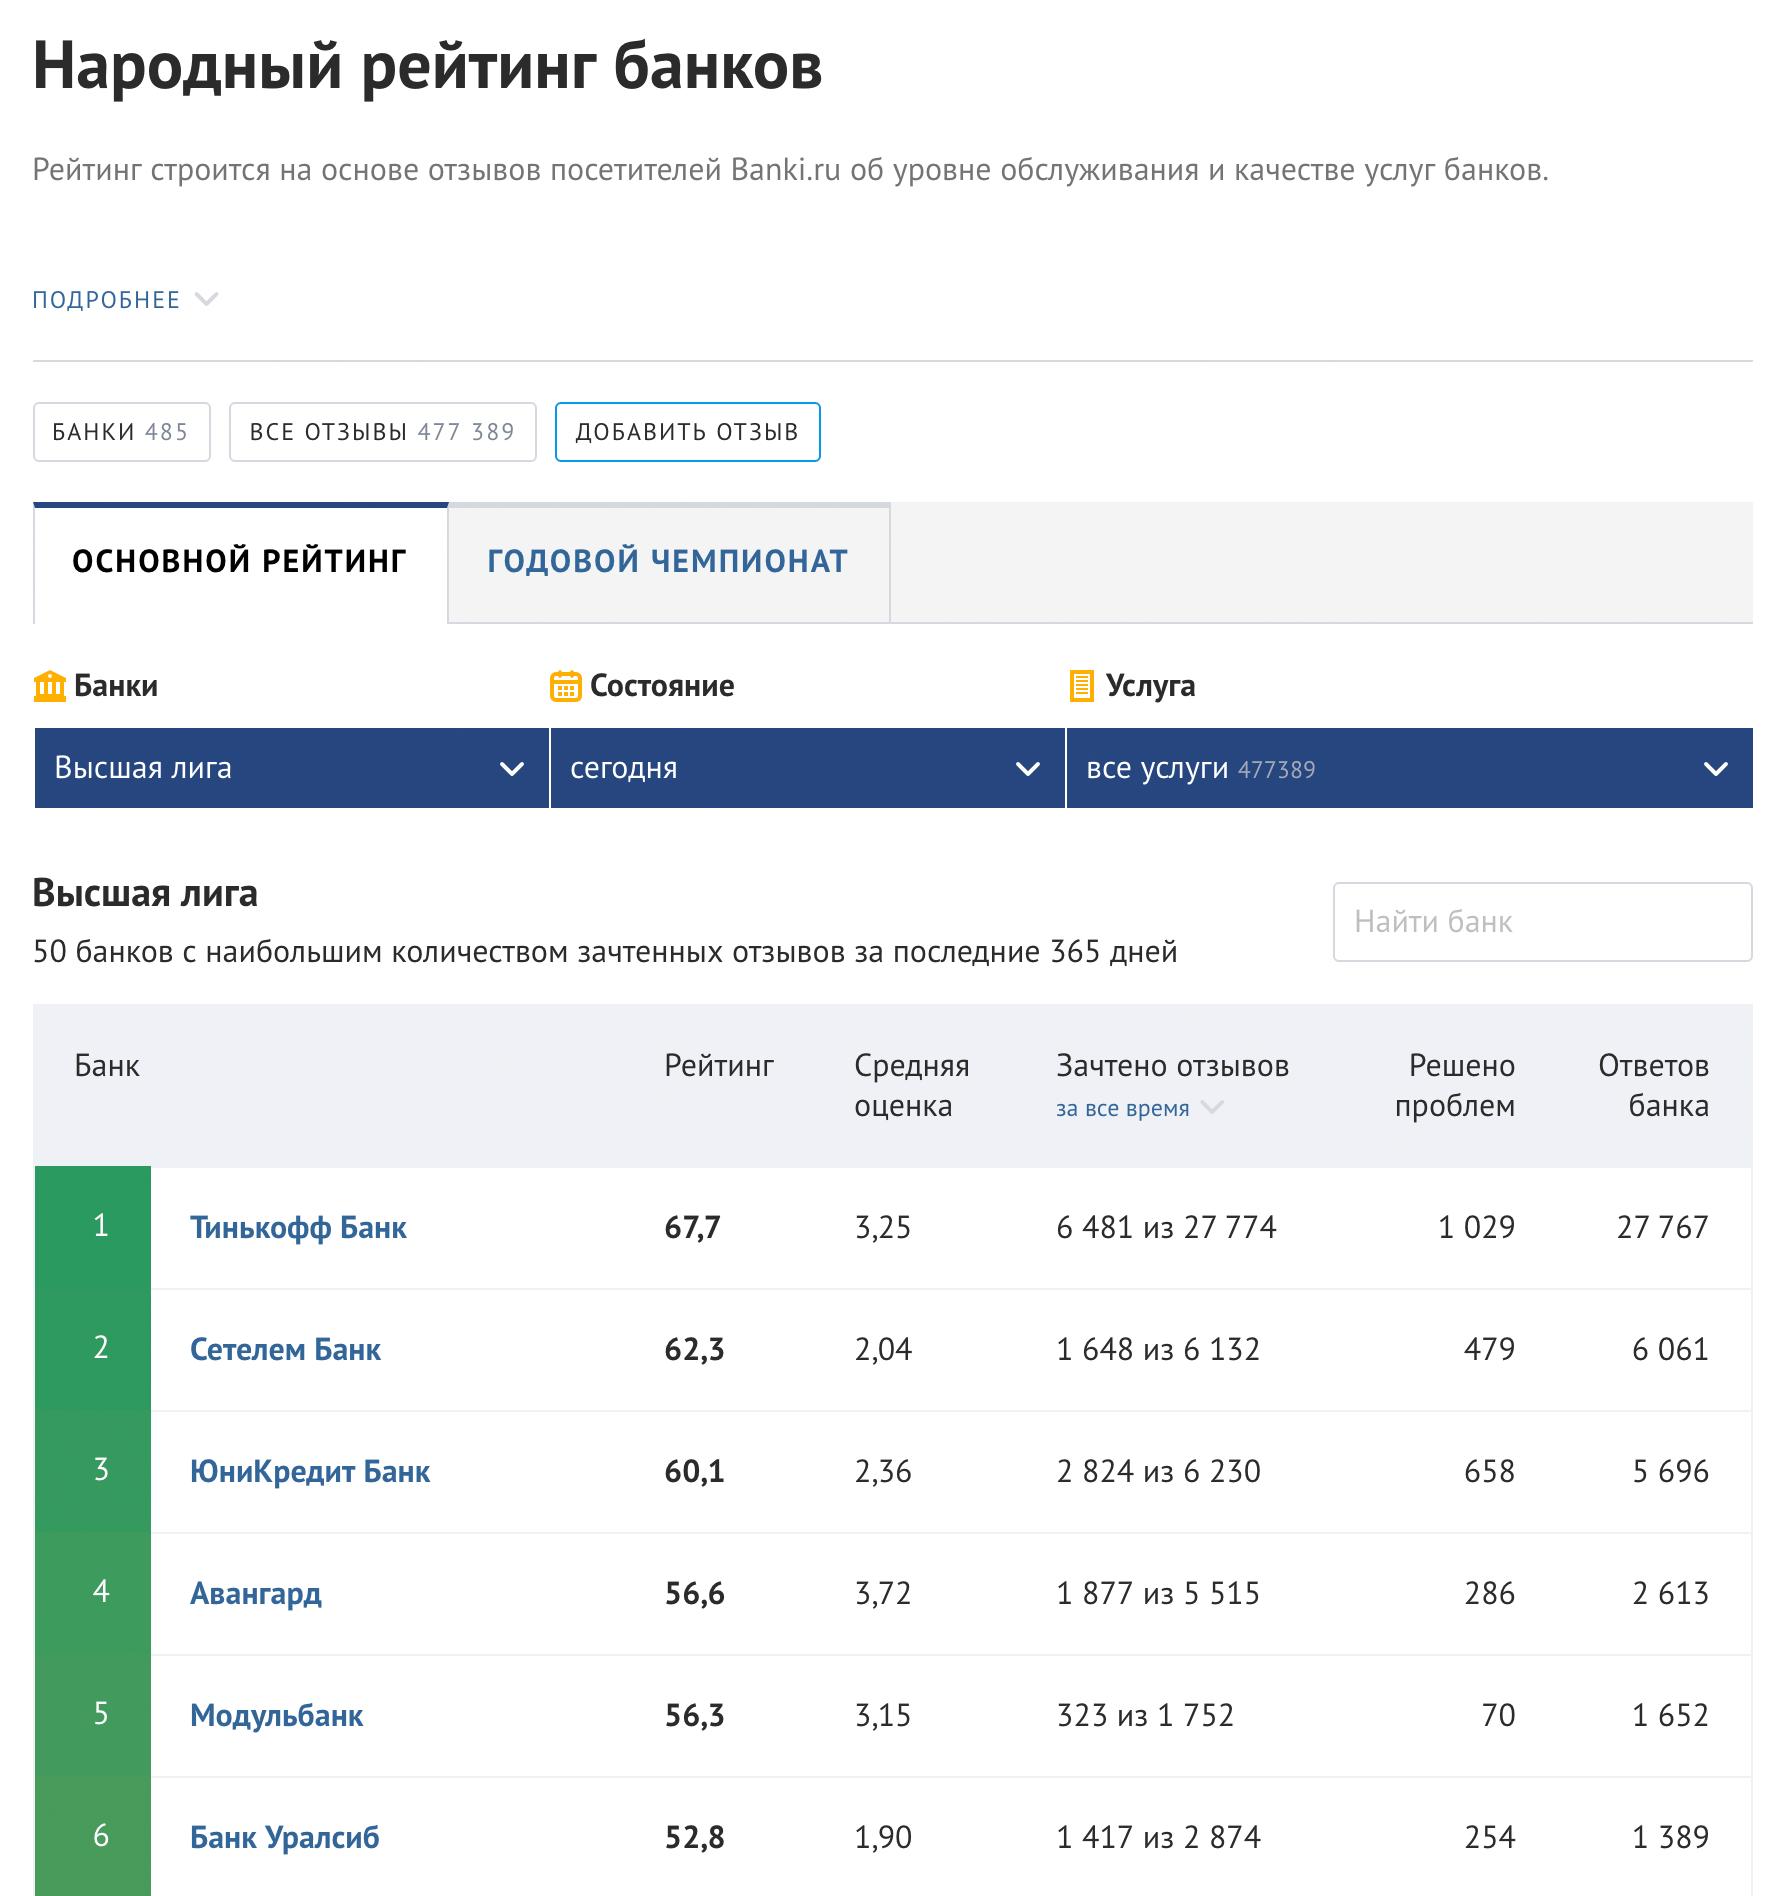 Тинькофф-банк на первом месте в народном рейтинге по отзывам на «Банках-ру». Этот скриншот мы сделали в феврале 2019года, если что-то поменяется — обновим